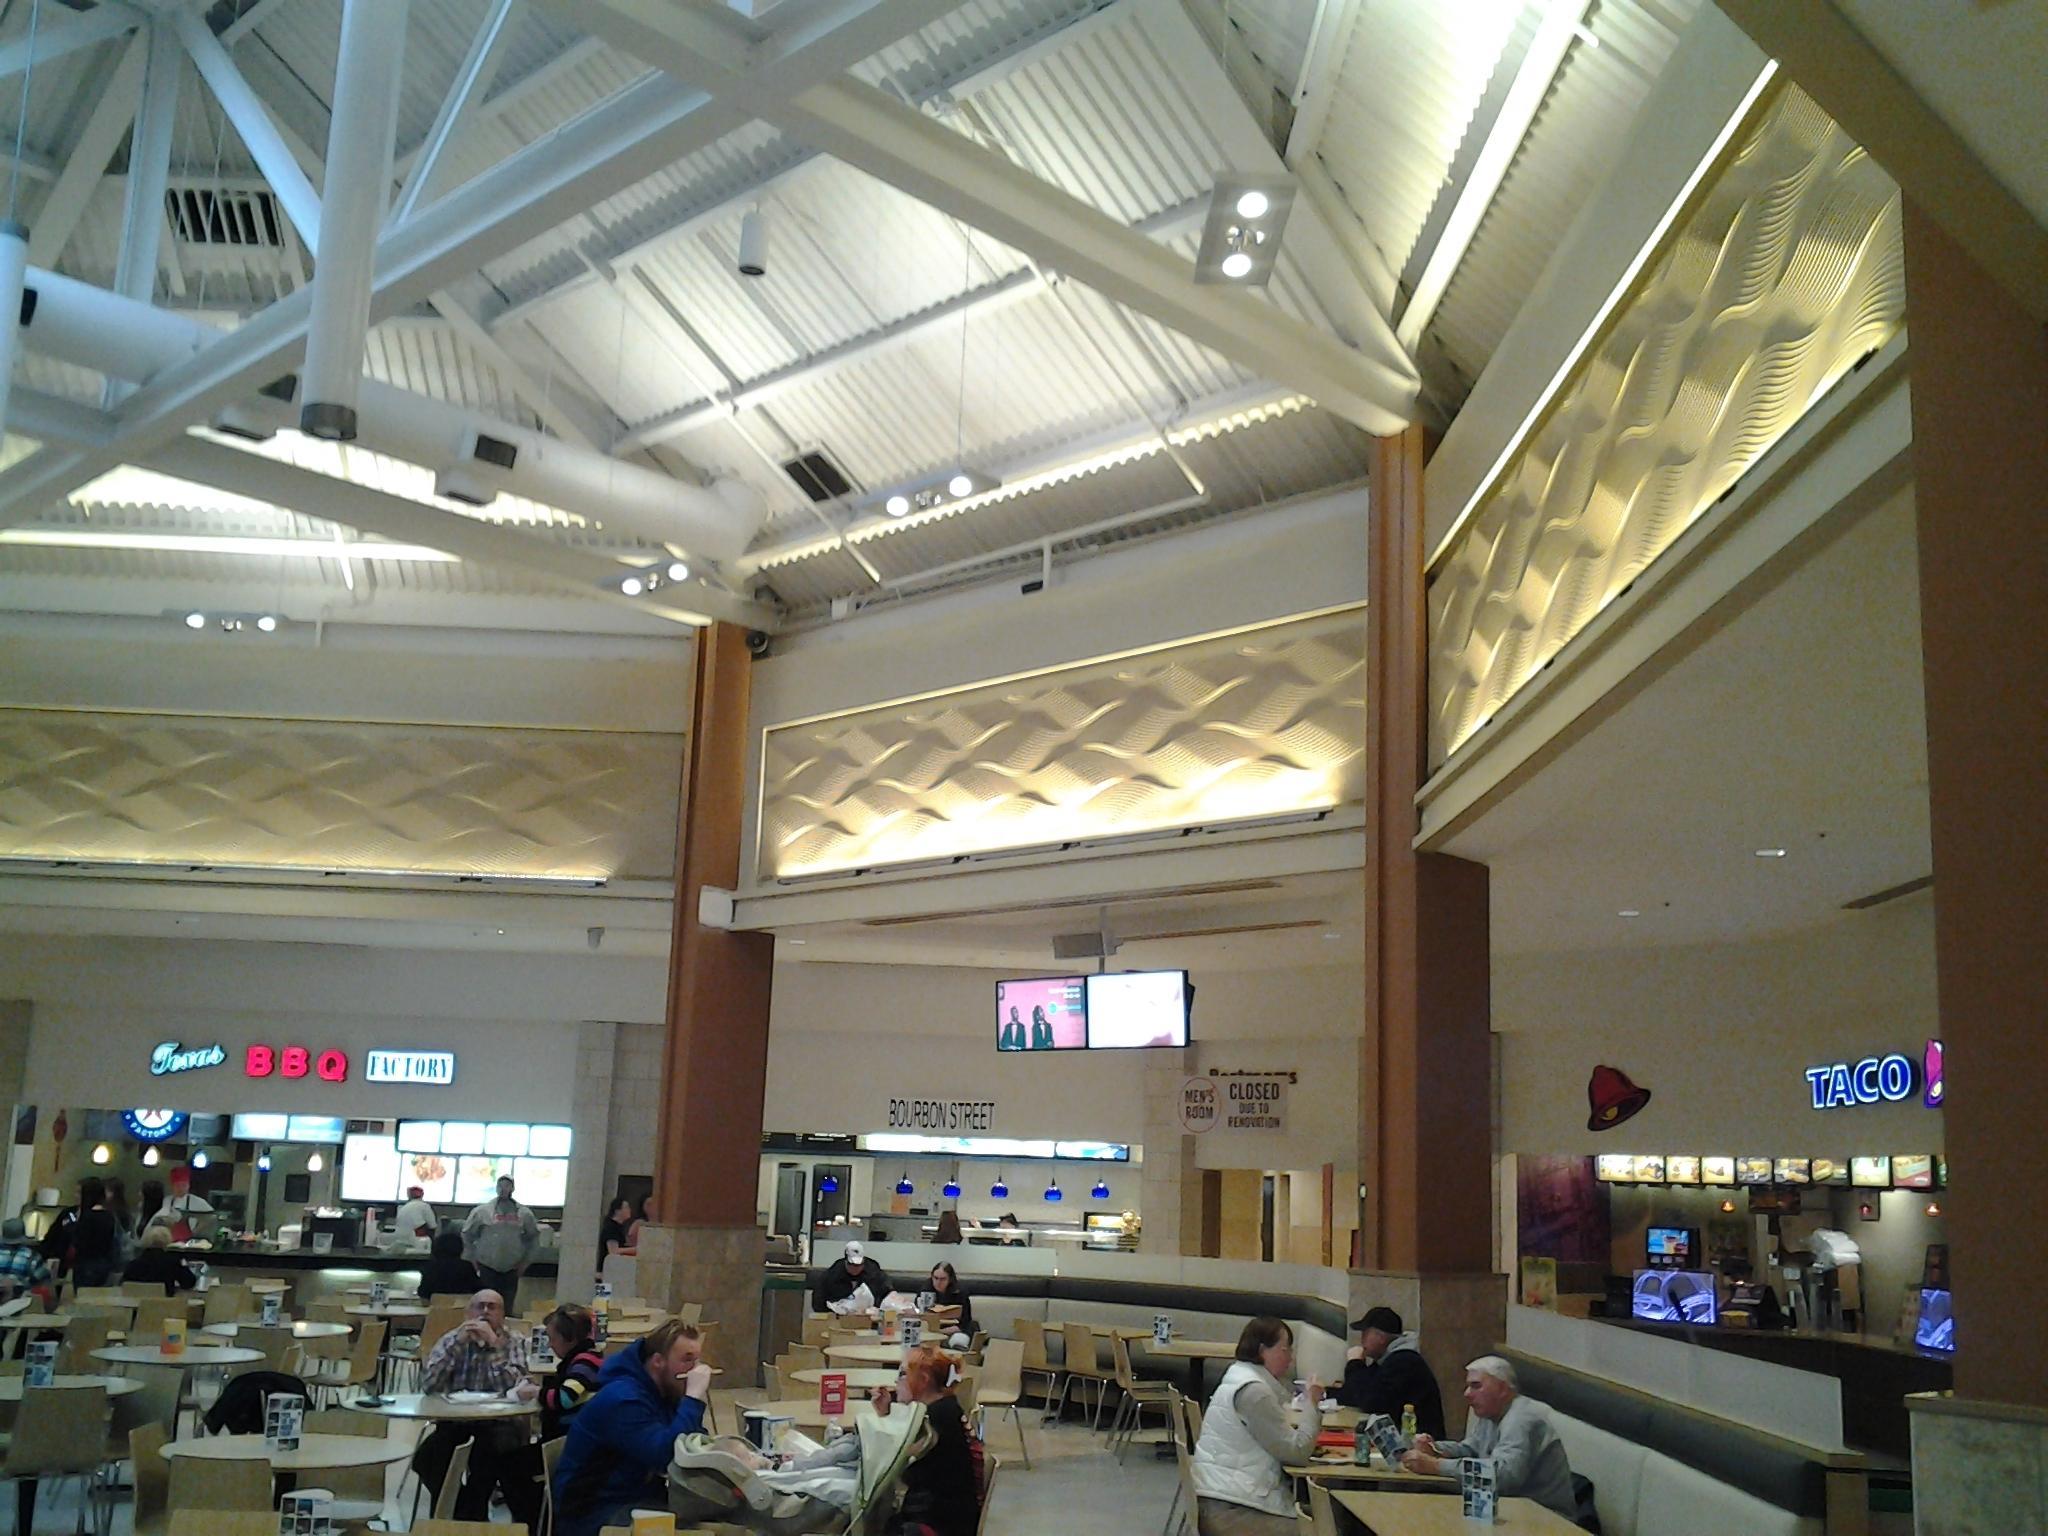 pheasant lane mall in nashua nh whitepages